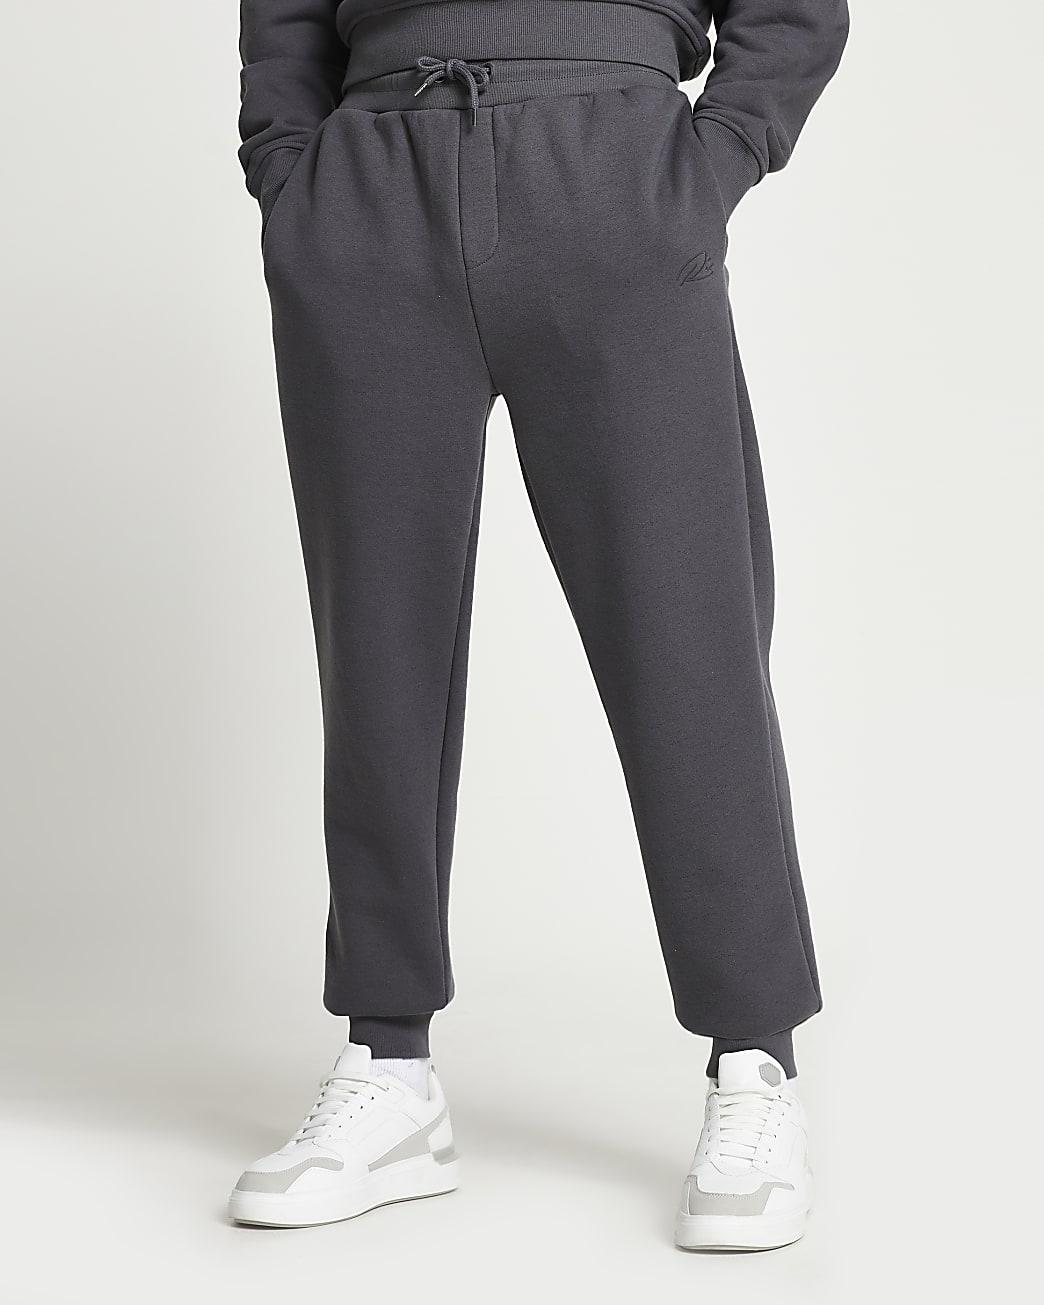 Grey RI slim fit tapered joggers